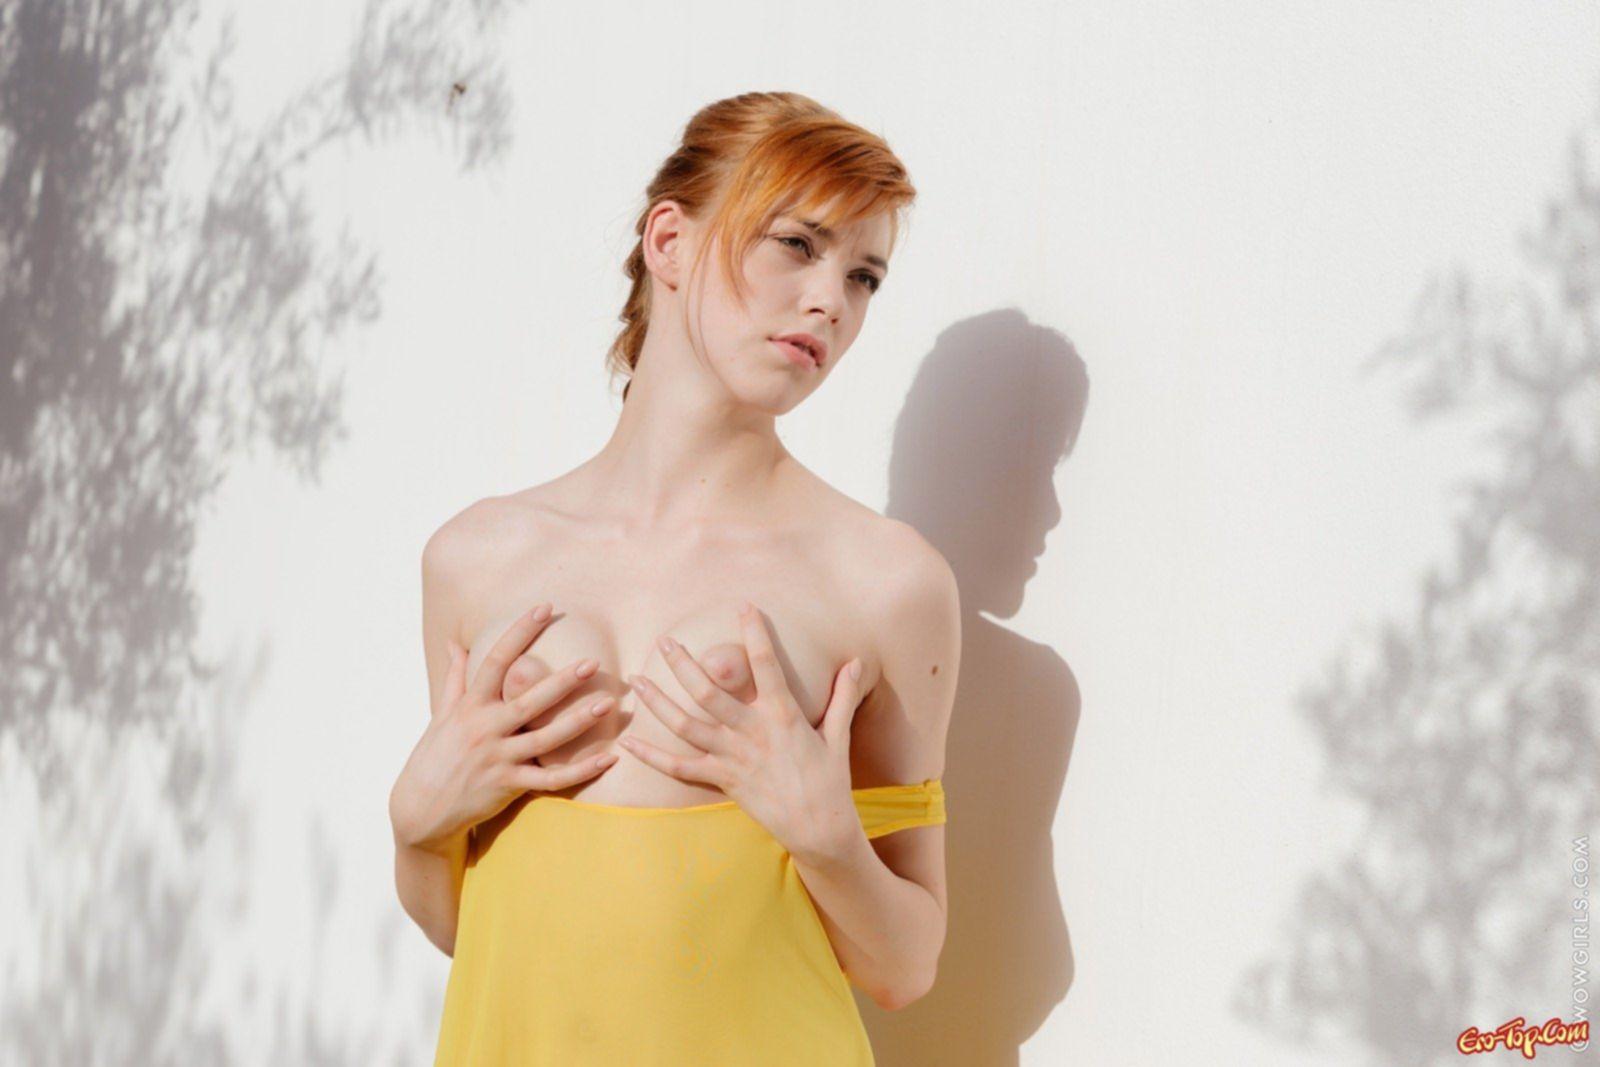 Рыженькая милая девушка сняла платье стоя у стены - фото